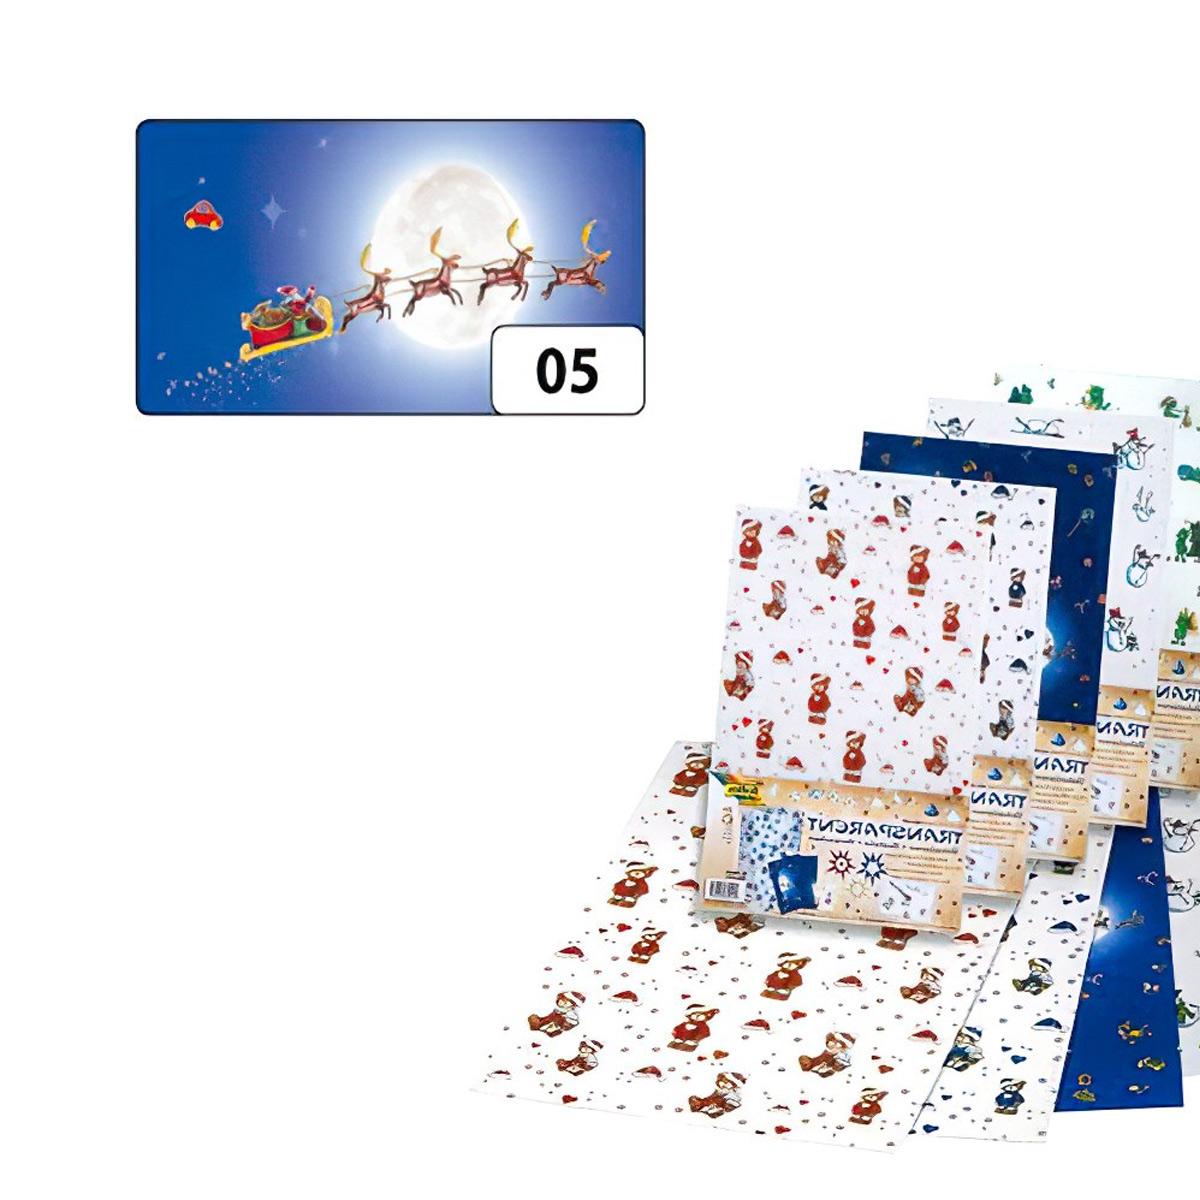 89105 Транспарентная бумага 'Олени в упряжке', голуб./серебр., 115 г/м², 50,5*70 см, Folia